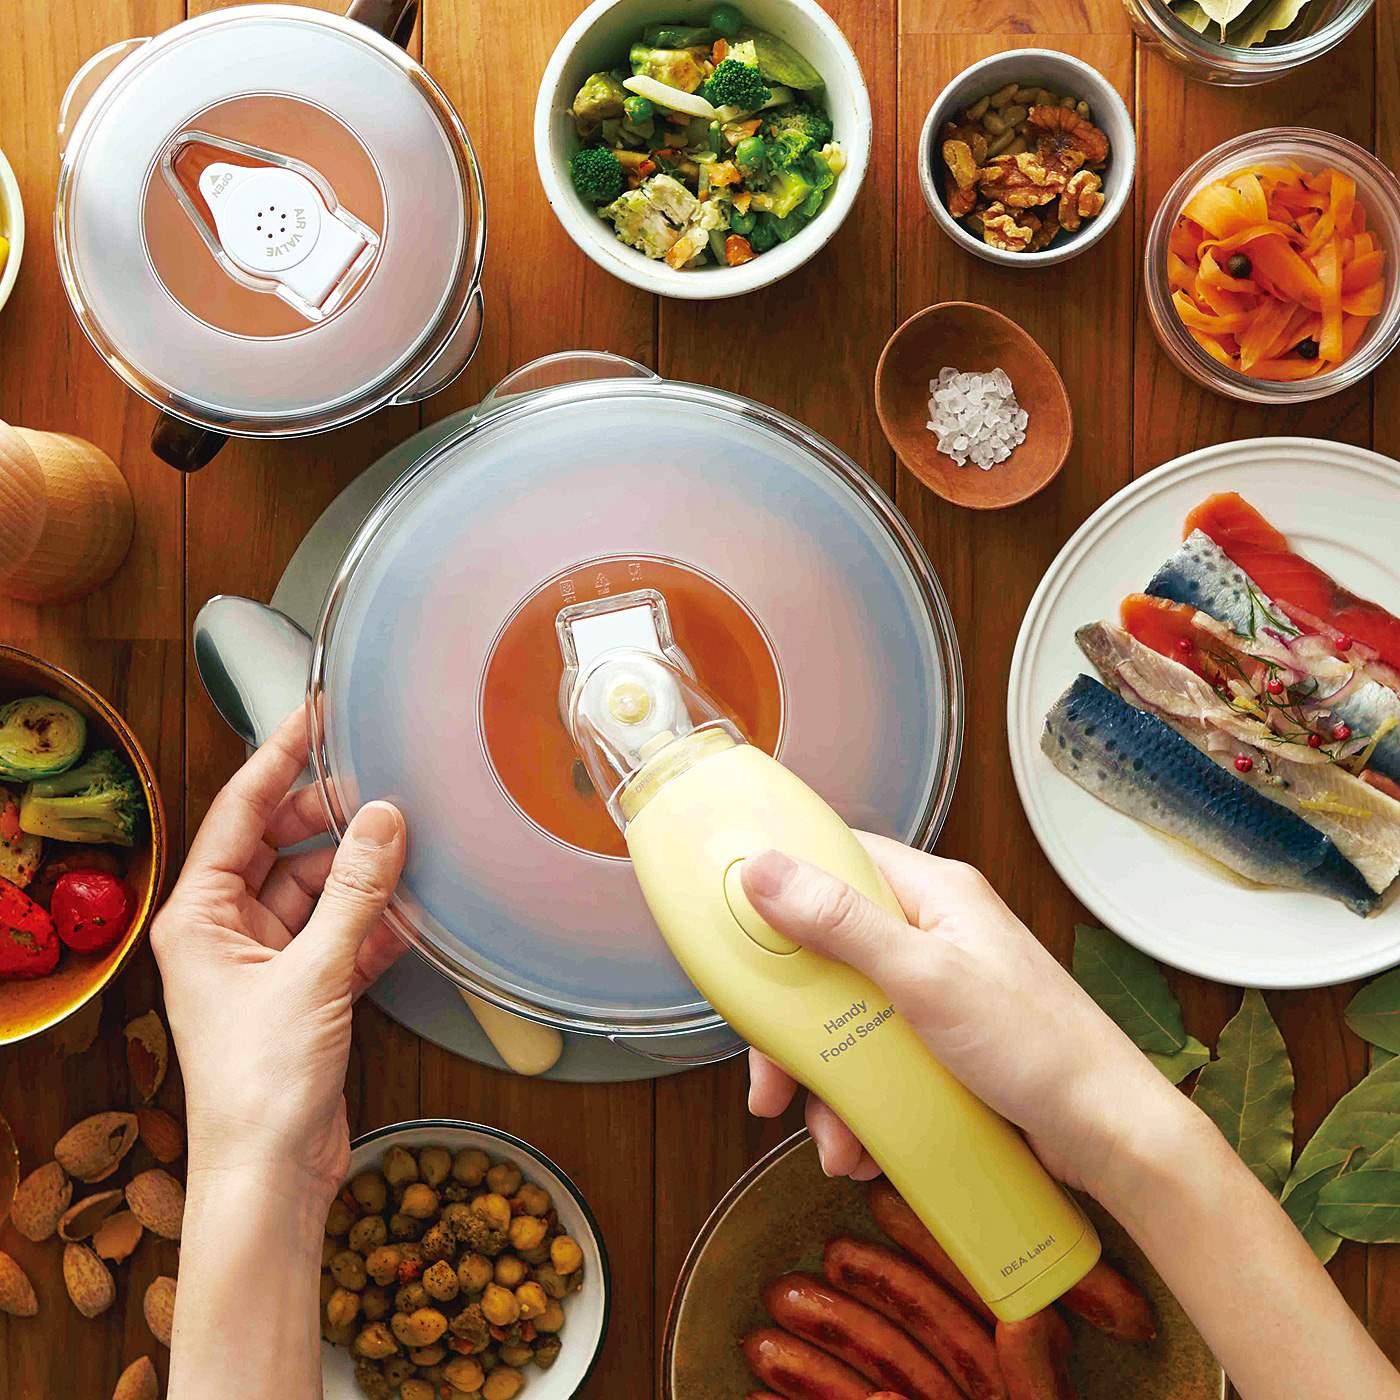 容器にかぶせるシーラーリッドと、食品を入れるシーラーバッグをセットに。シーラーリッドはお手持ちの皿でも使えます。